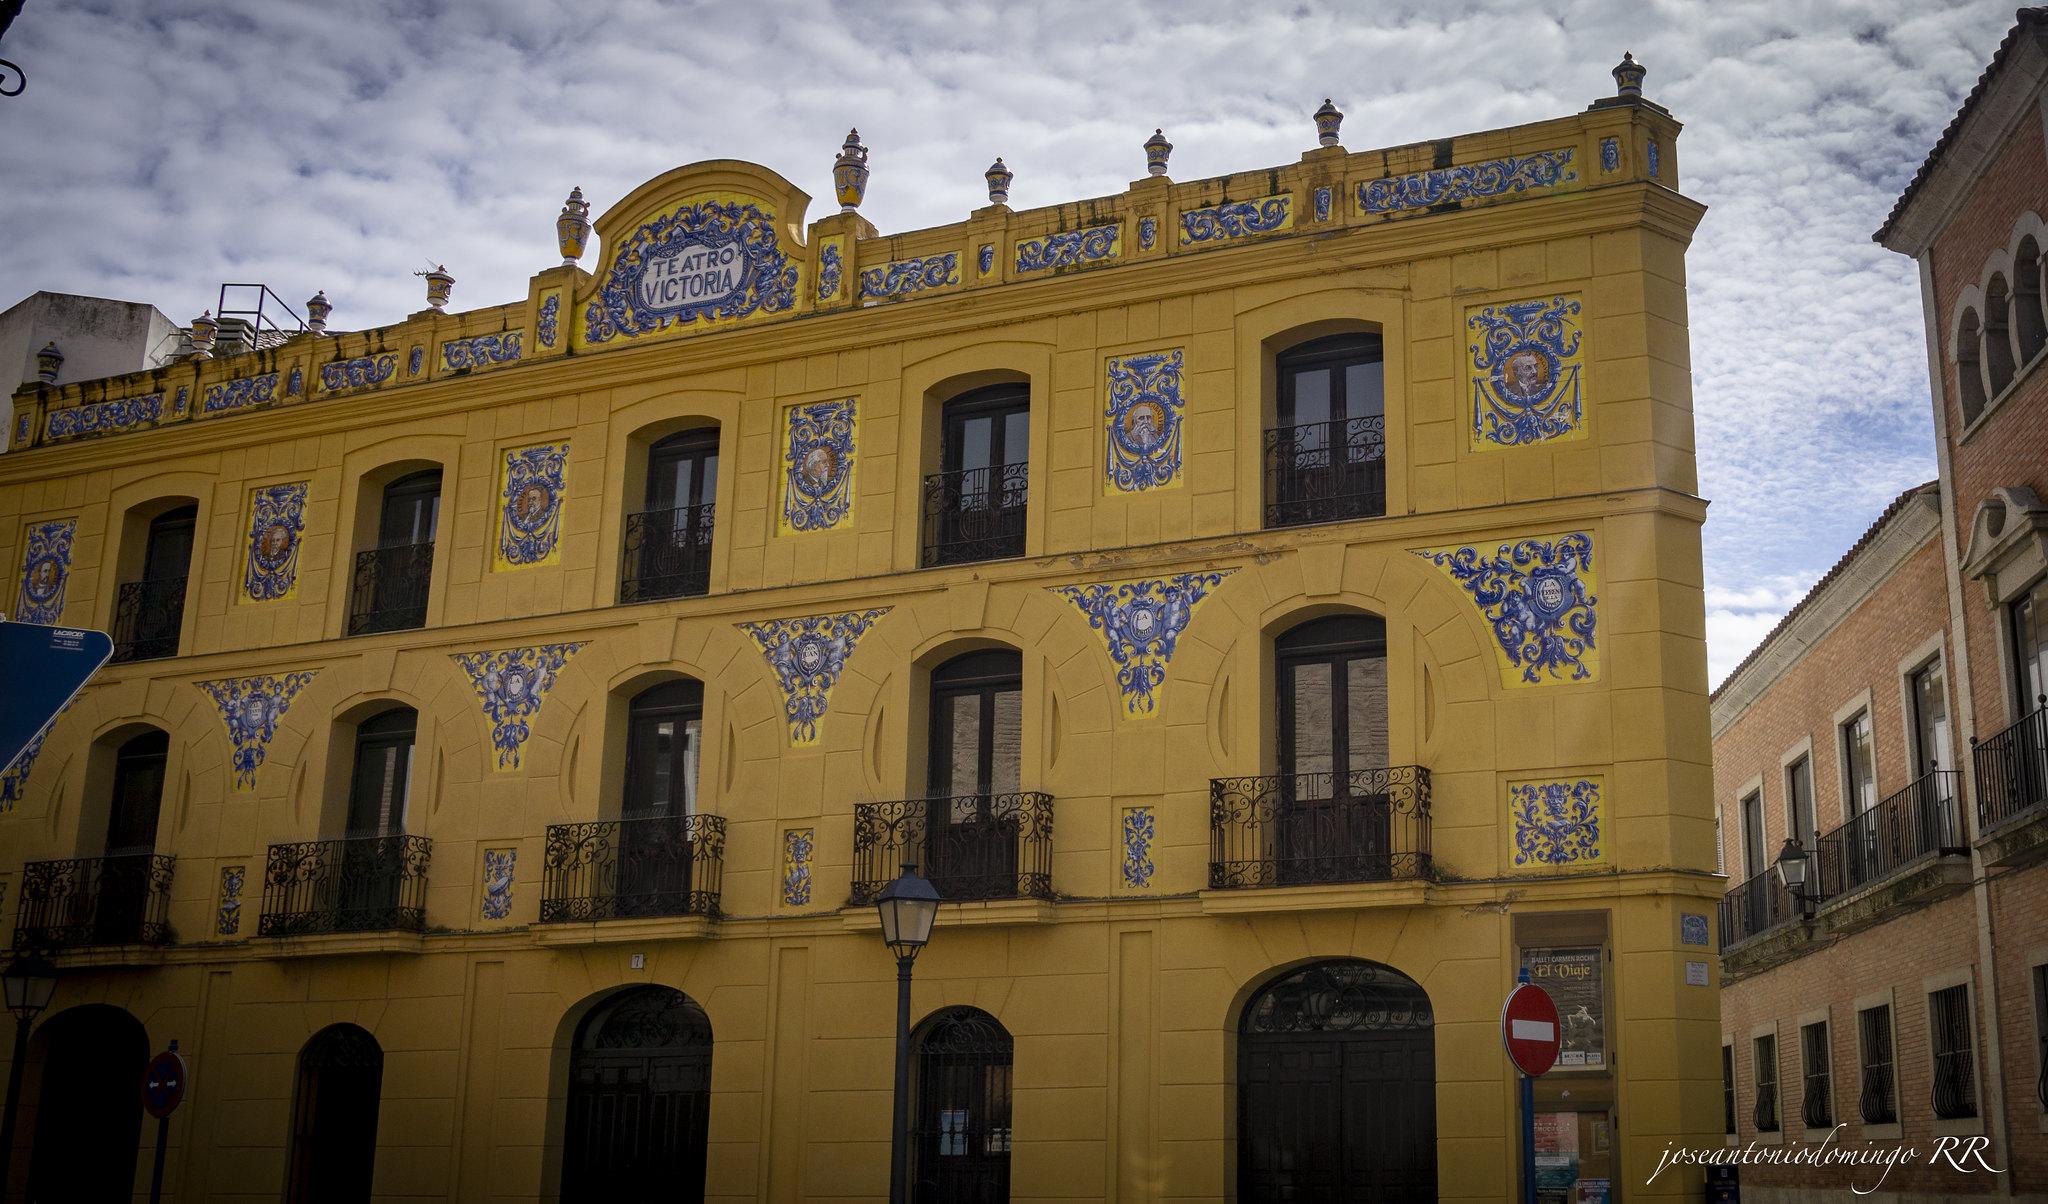 Teatro Victoria